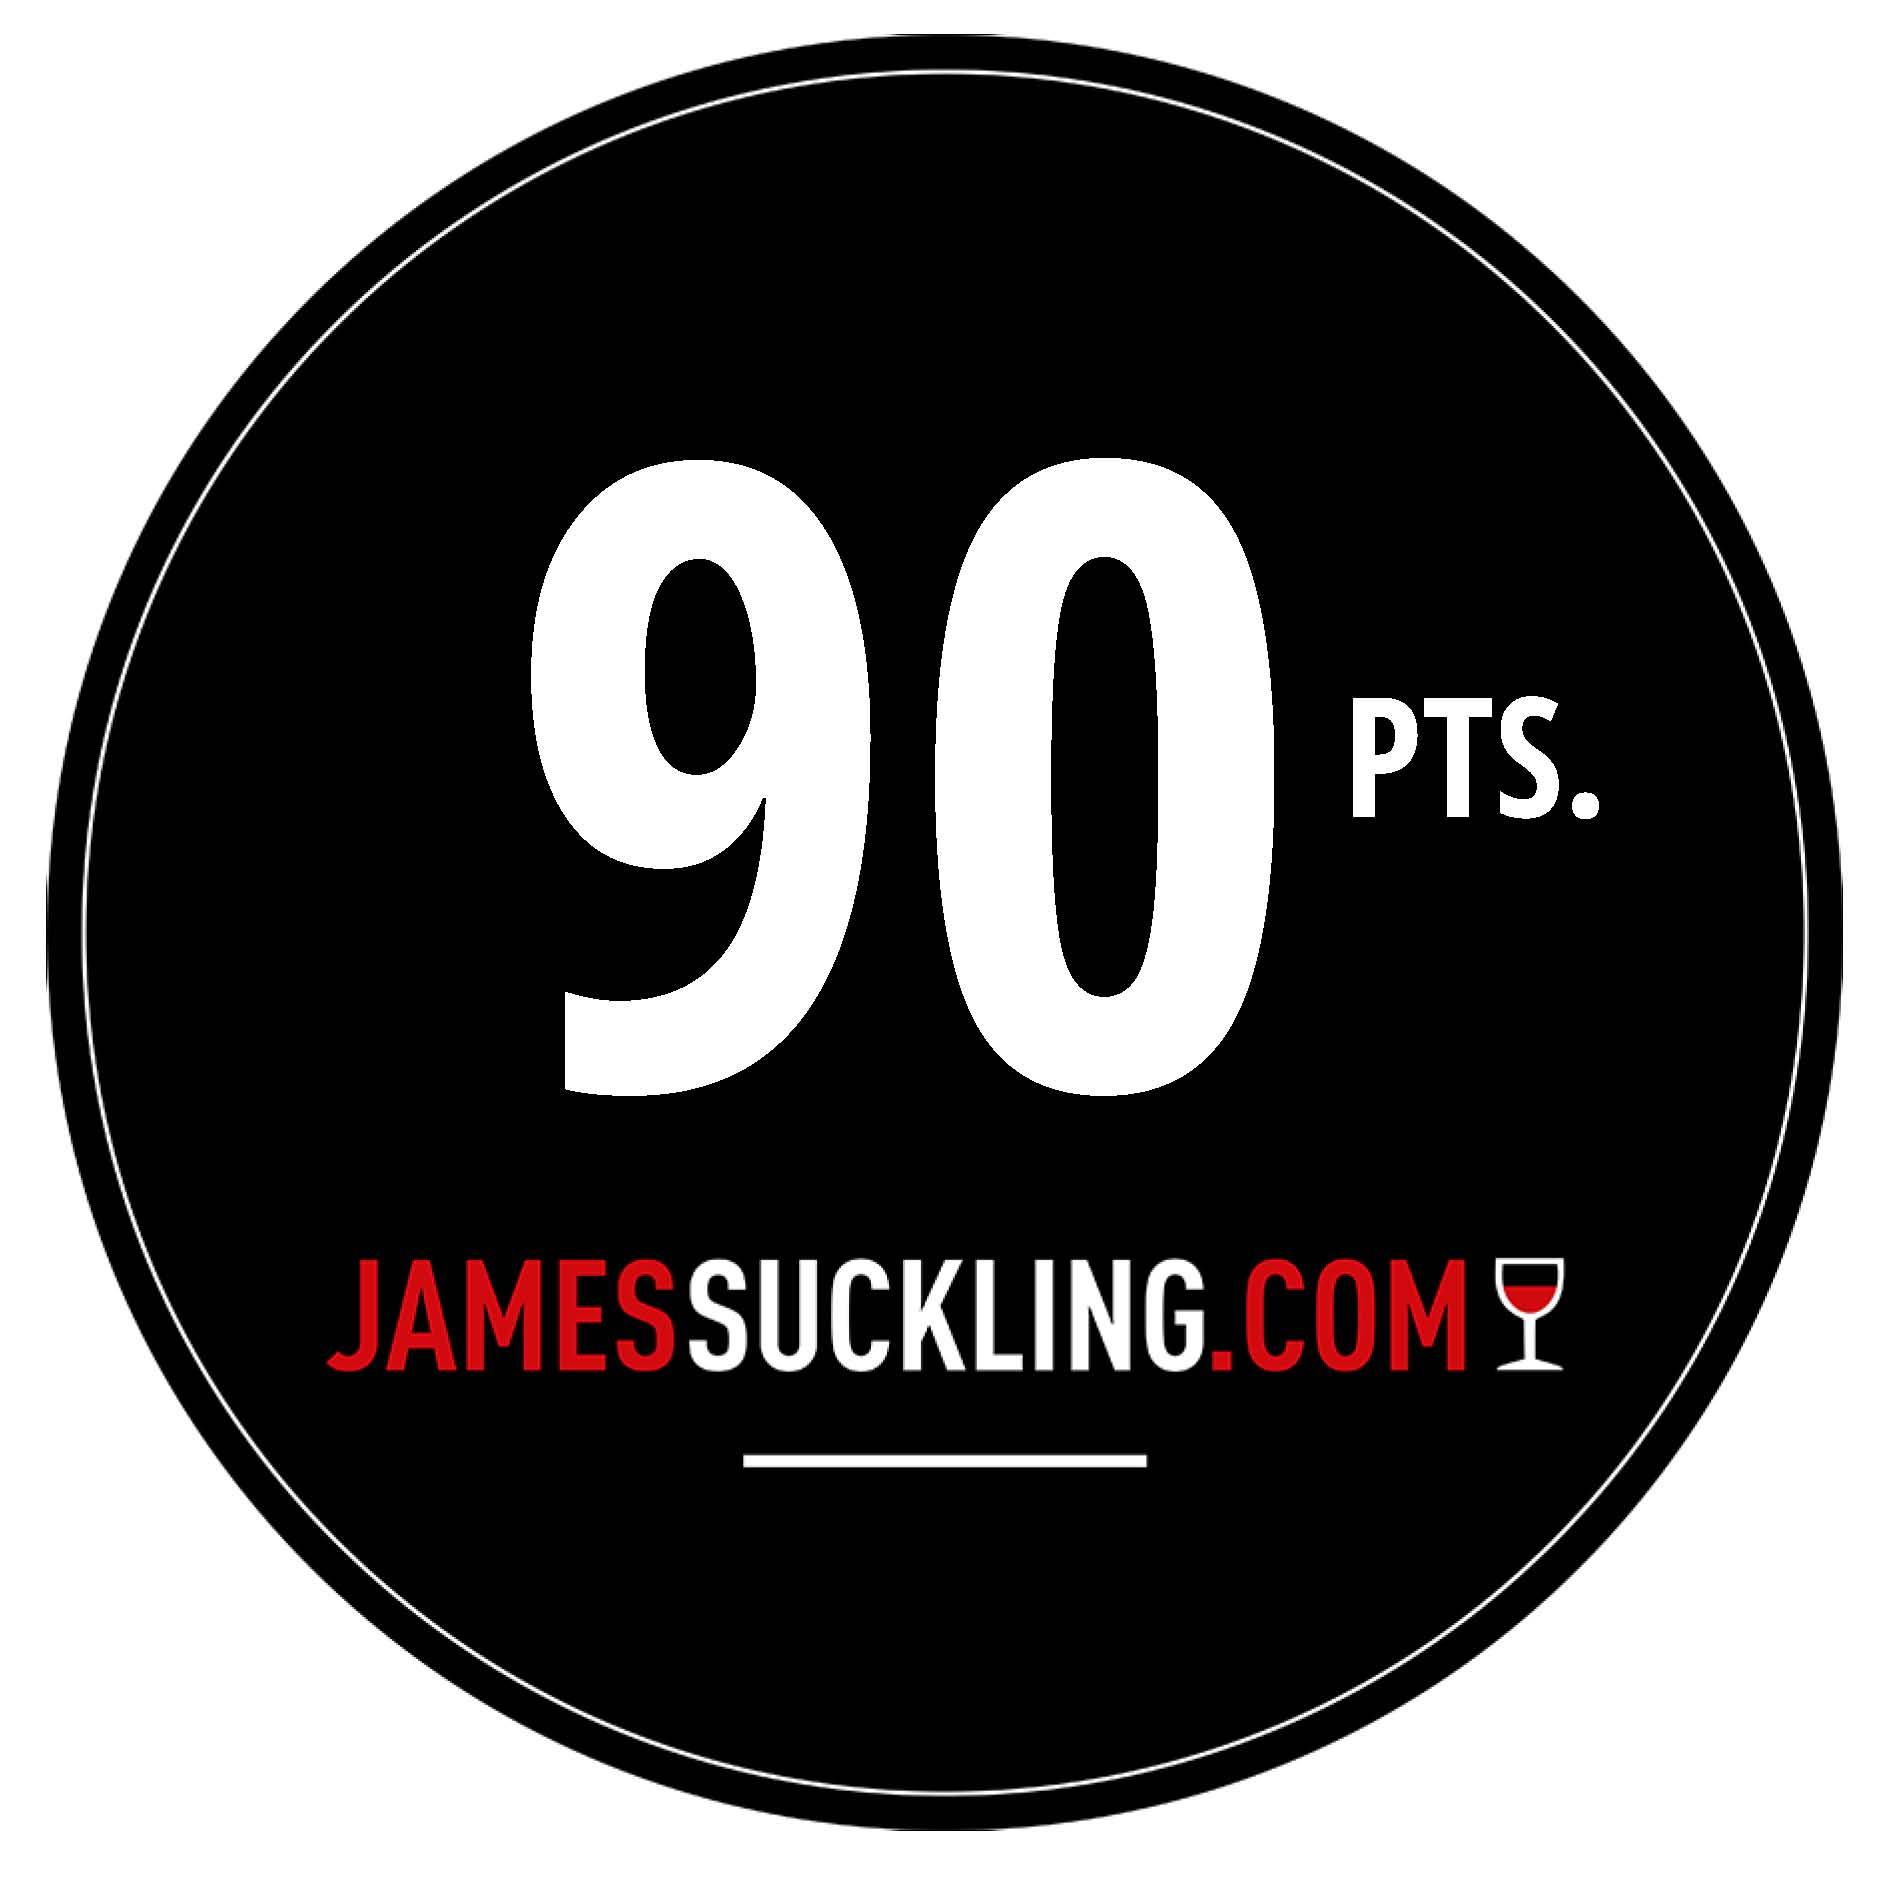 Oktober 2017: 90 Punkte James Suckling für Jahrgang 2016